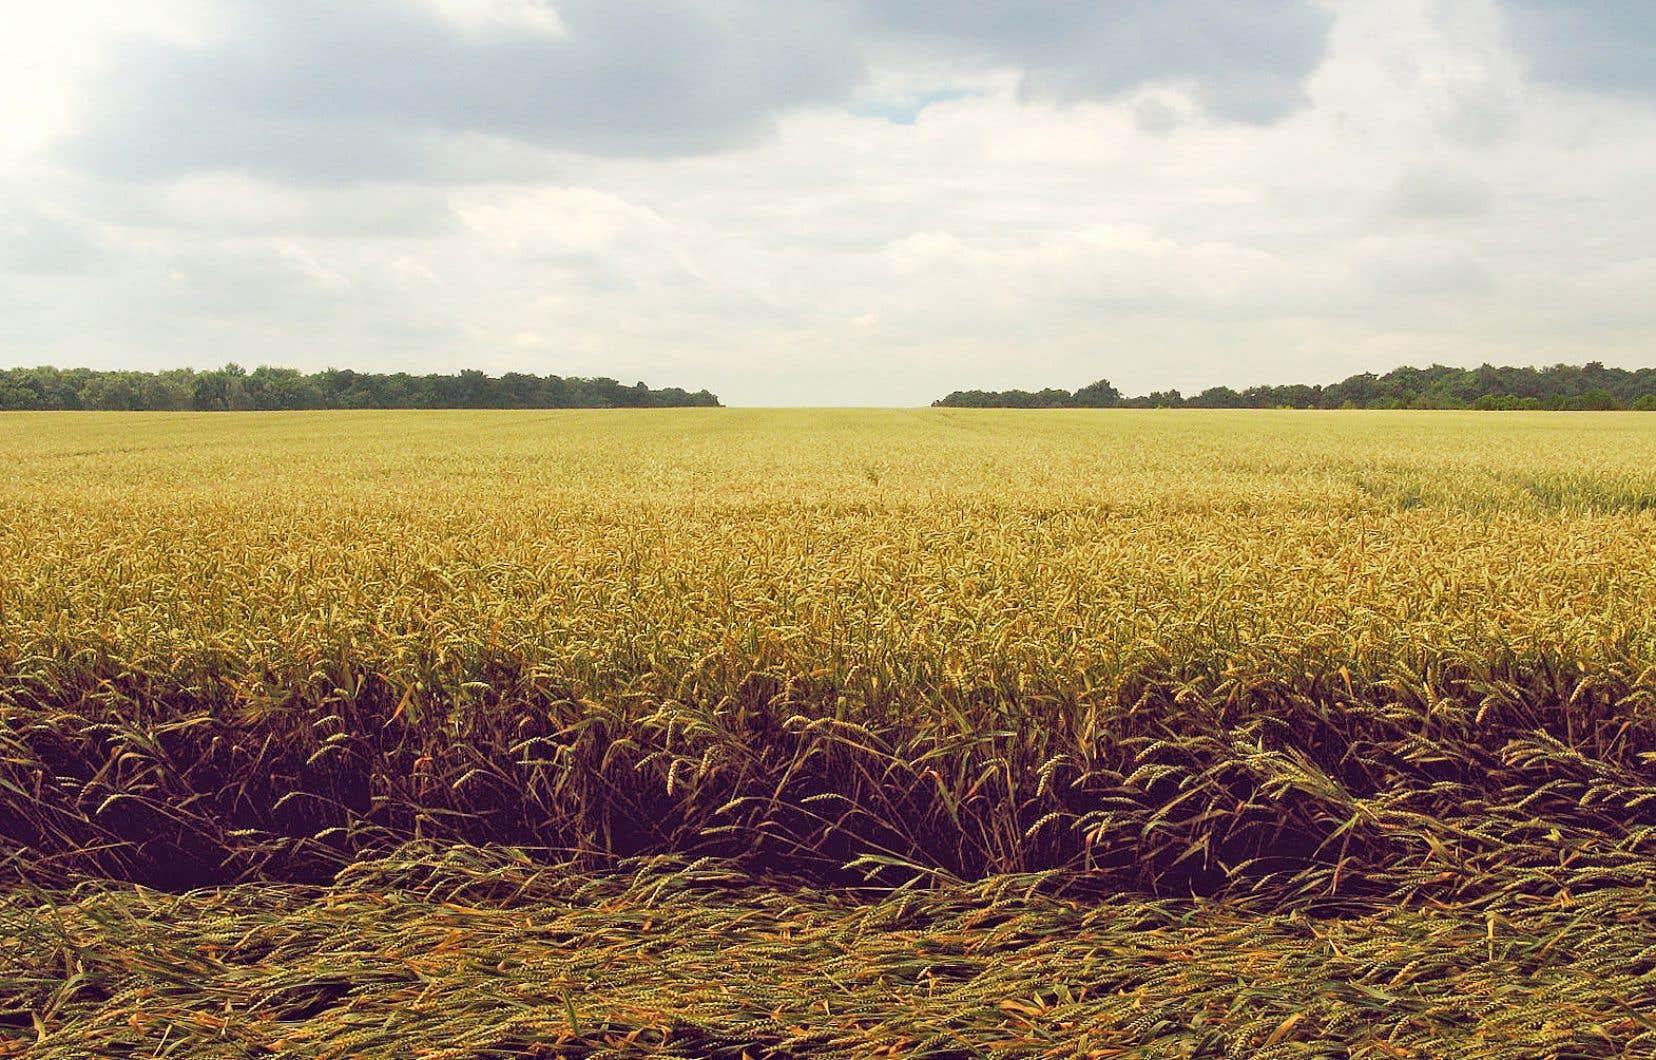 Depuis 2009, les dix entreprises les plus actives ont consacré plus de 68 millions de dollars à 136 acquisitions de terres agricoles.